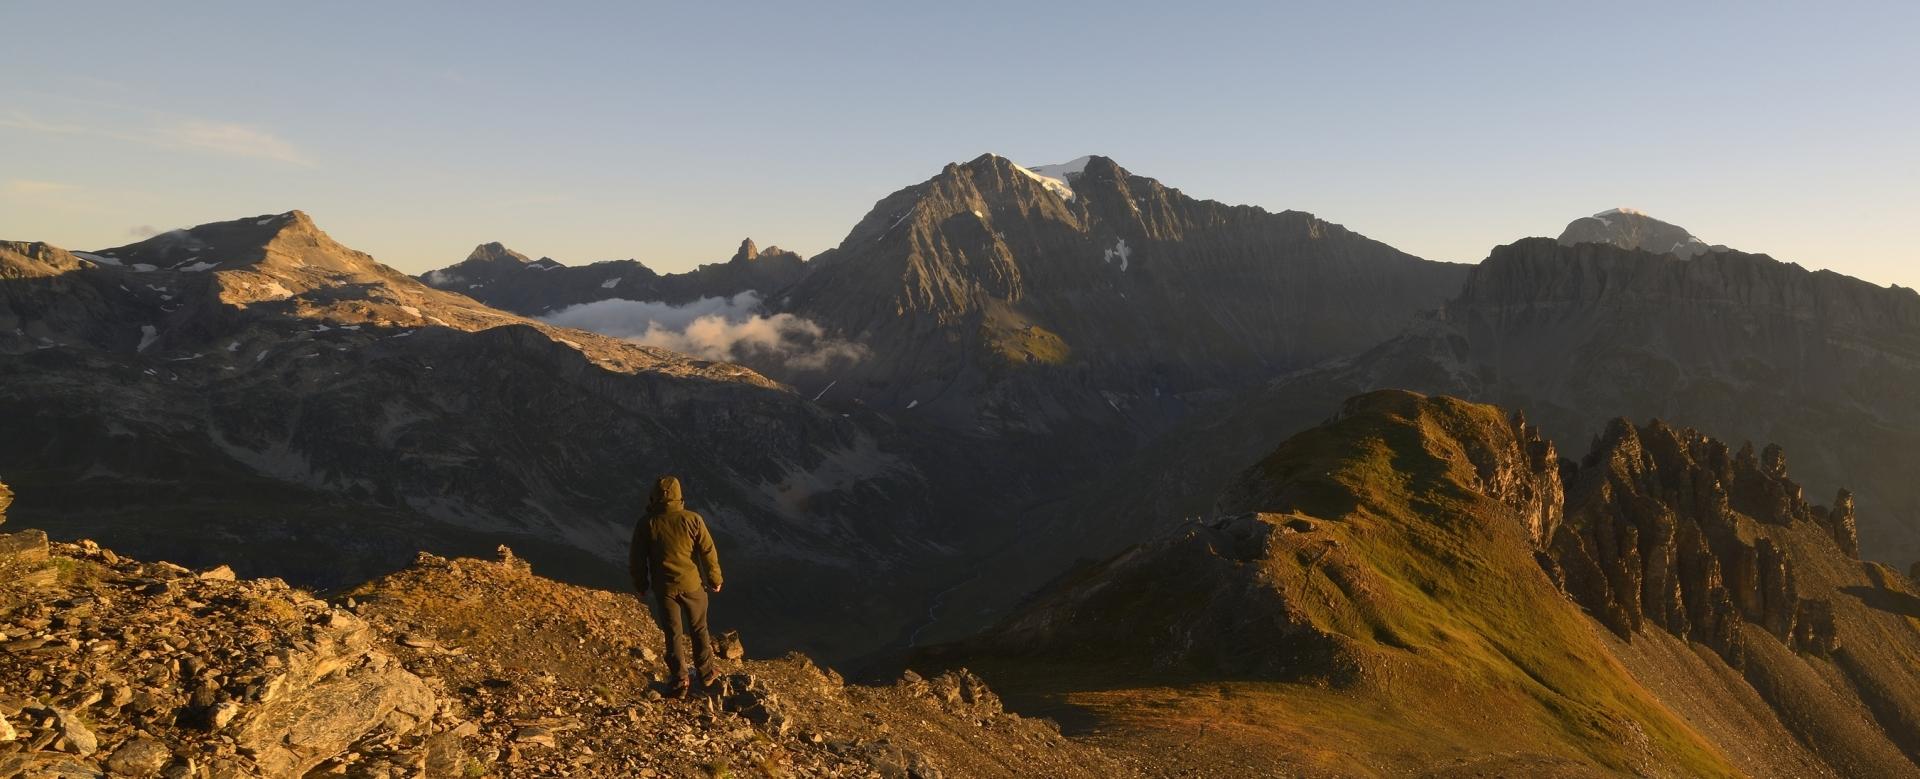 Voyage à pied : Vanoise, entre nature et patrimoine